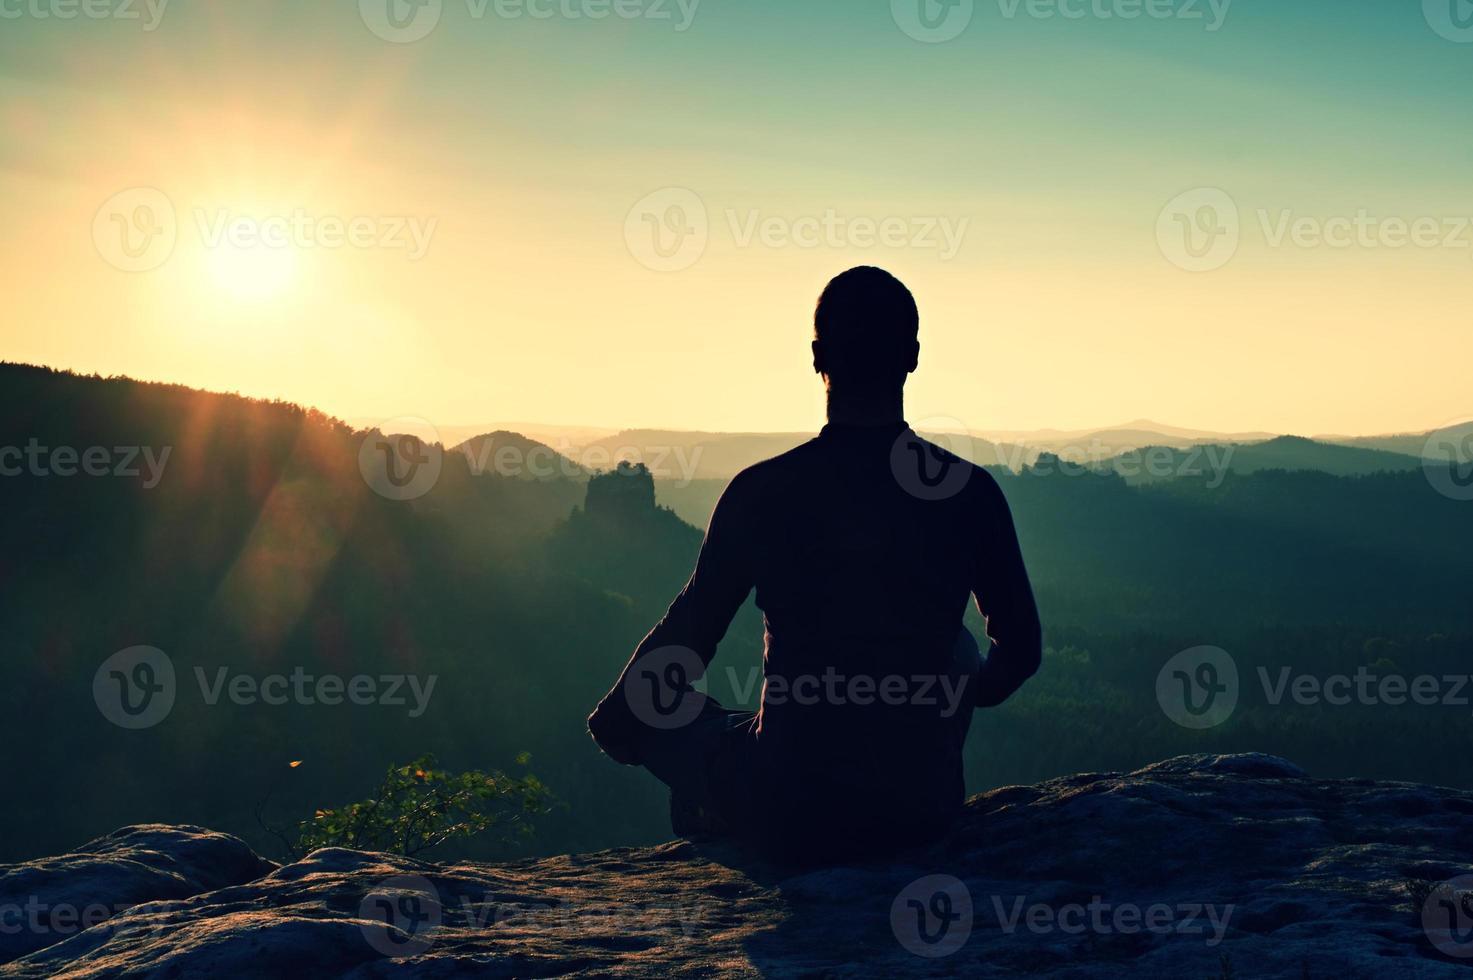 vandrare i hukande position på en klippa, njut av dybreak-landskap foto